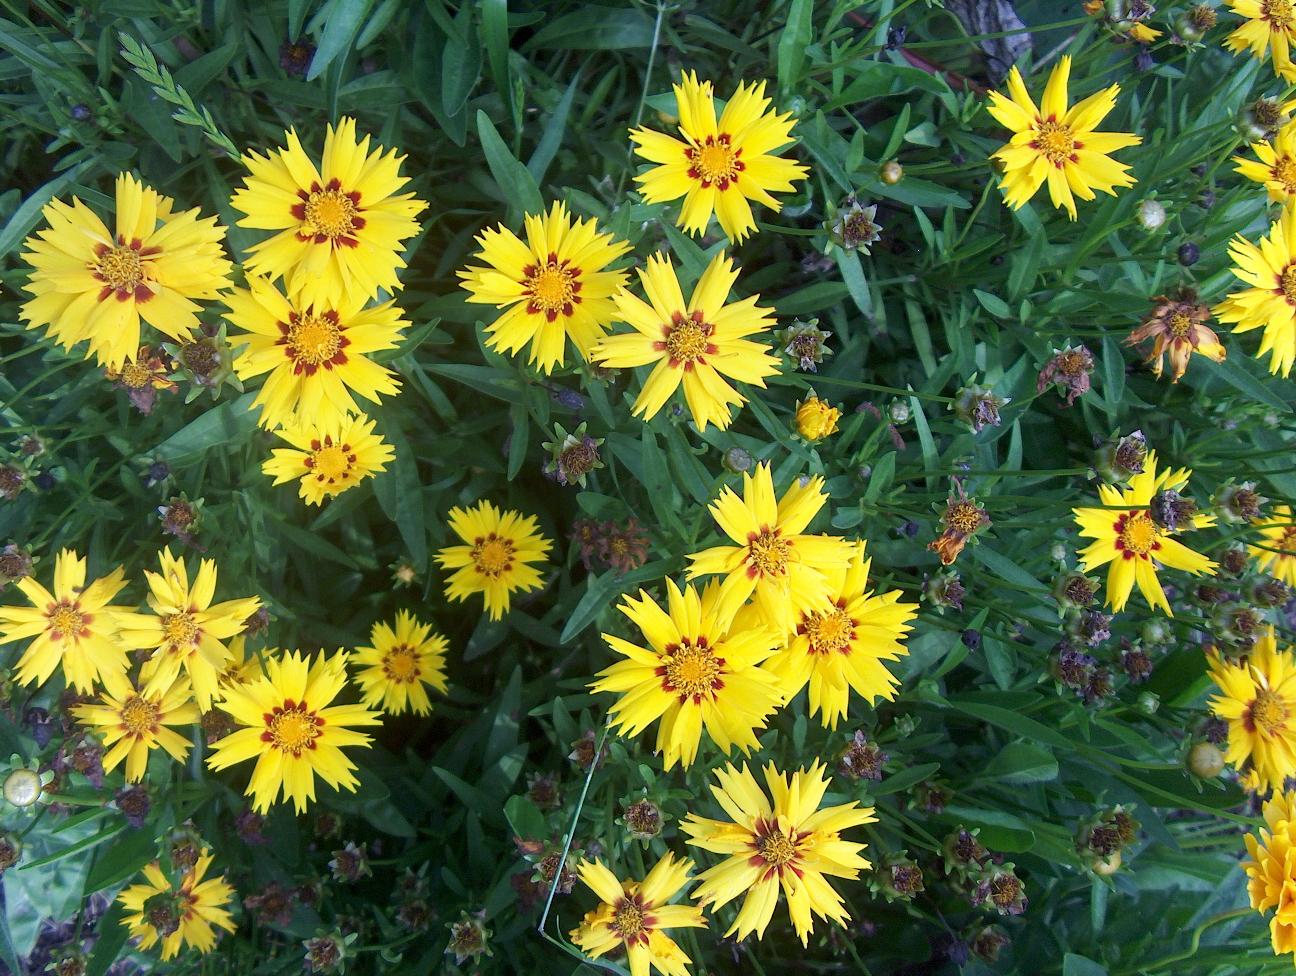 Coreopsis grandiflora 'Rising Sun'   / Coreopsis grandiflora 'Rising Sun'